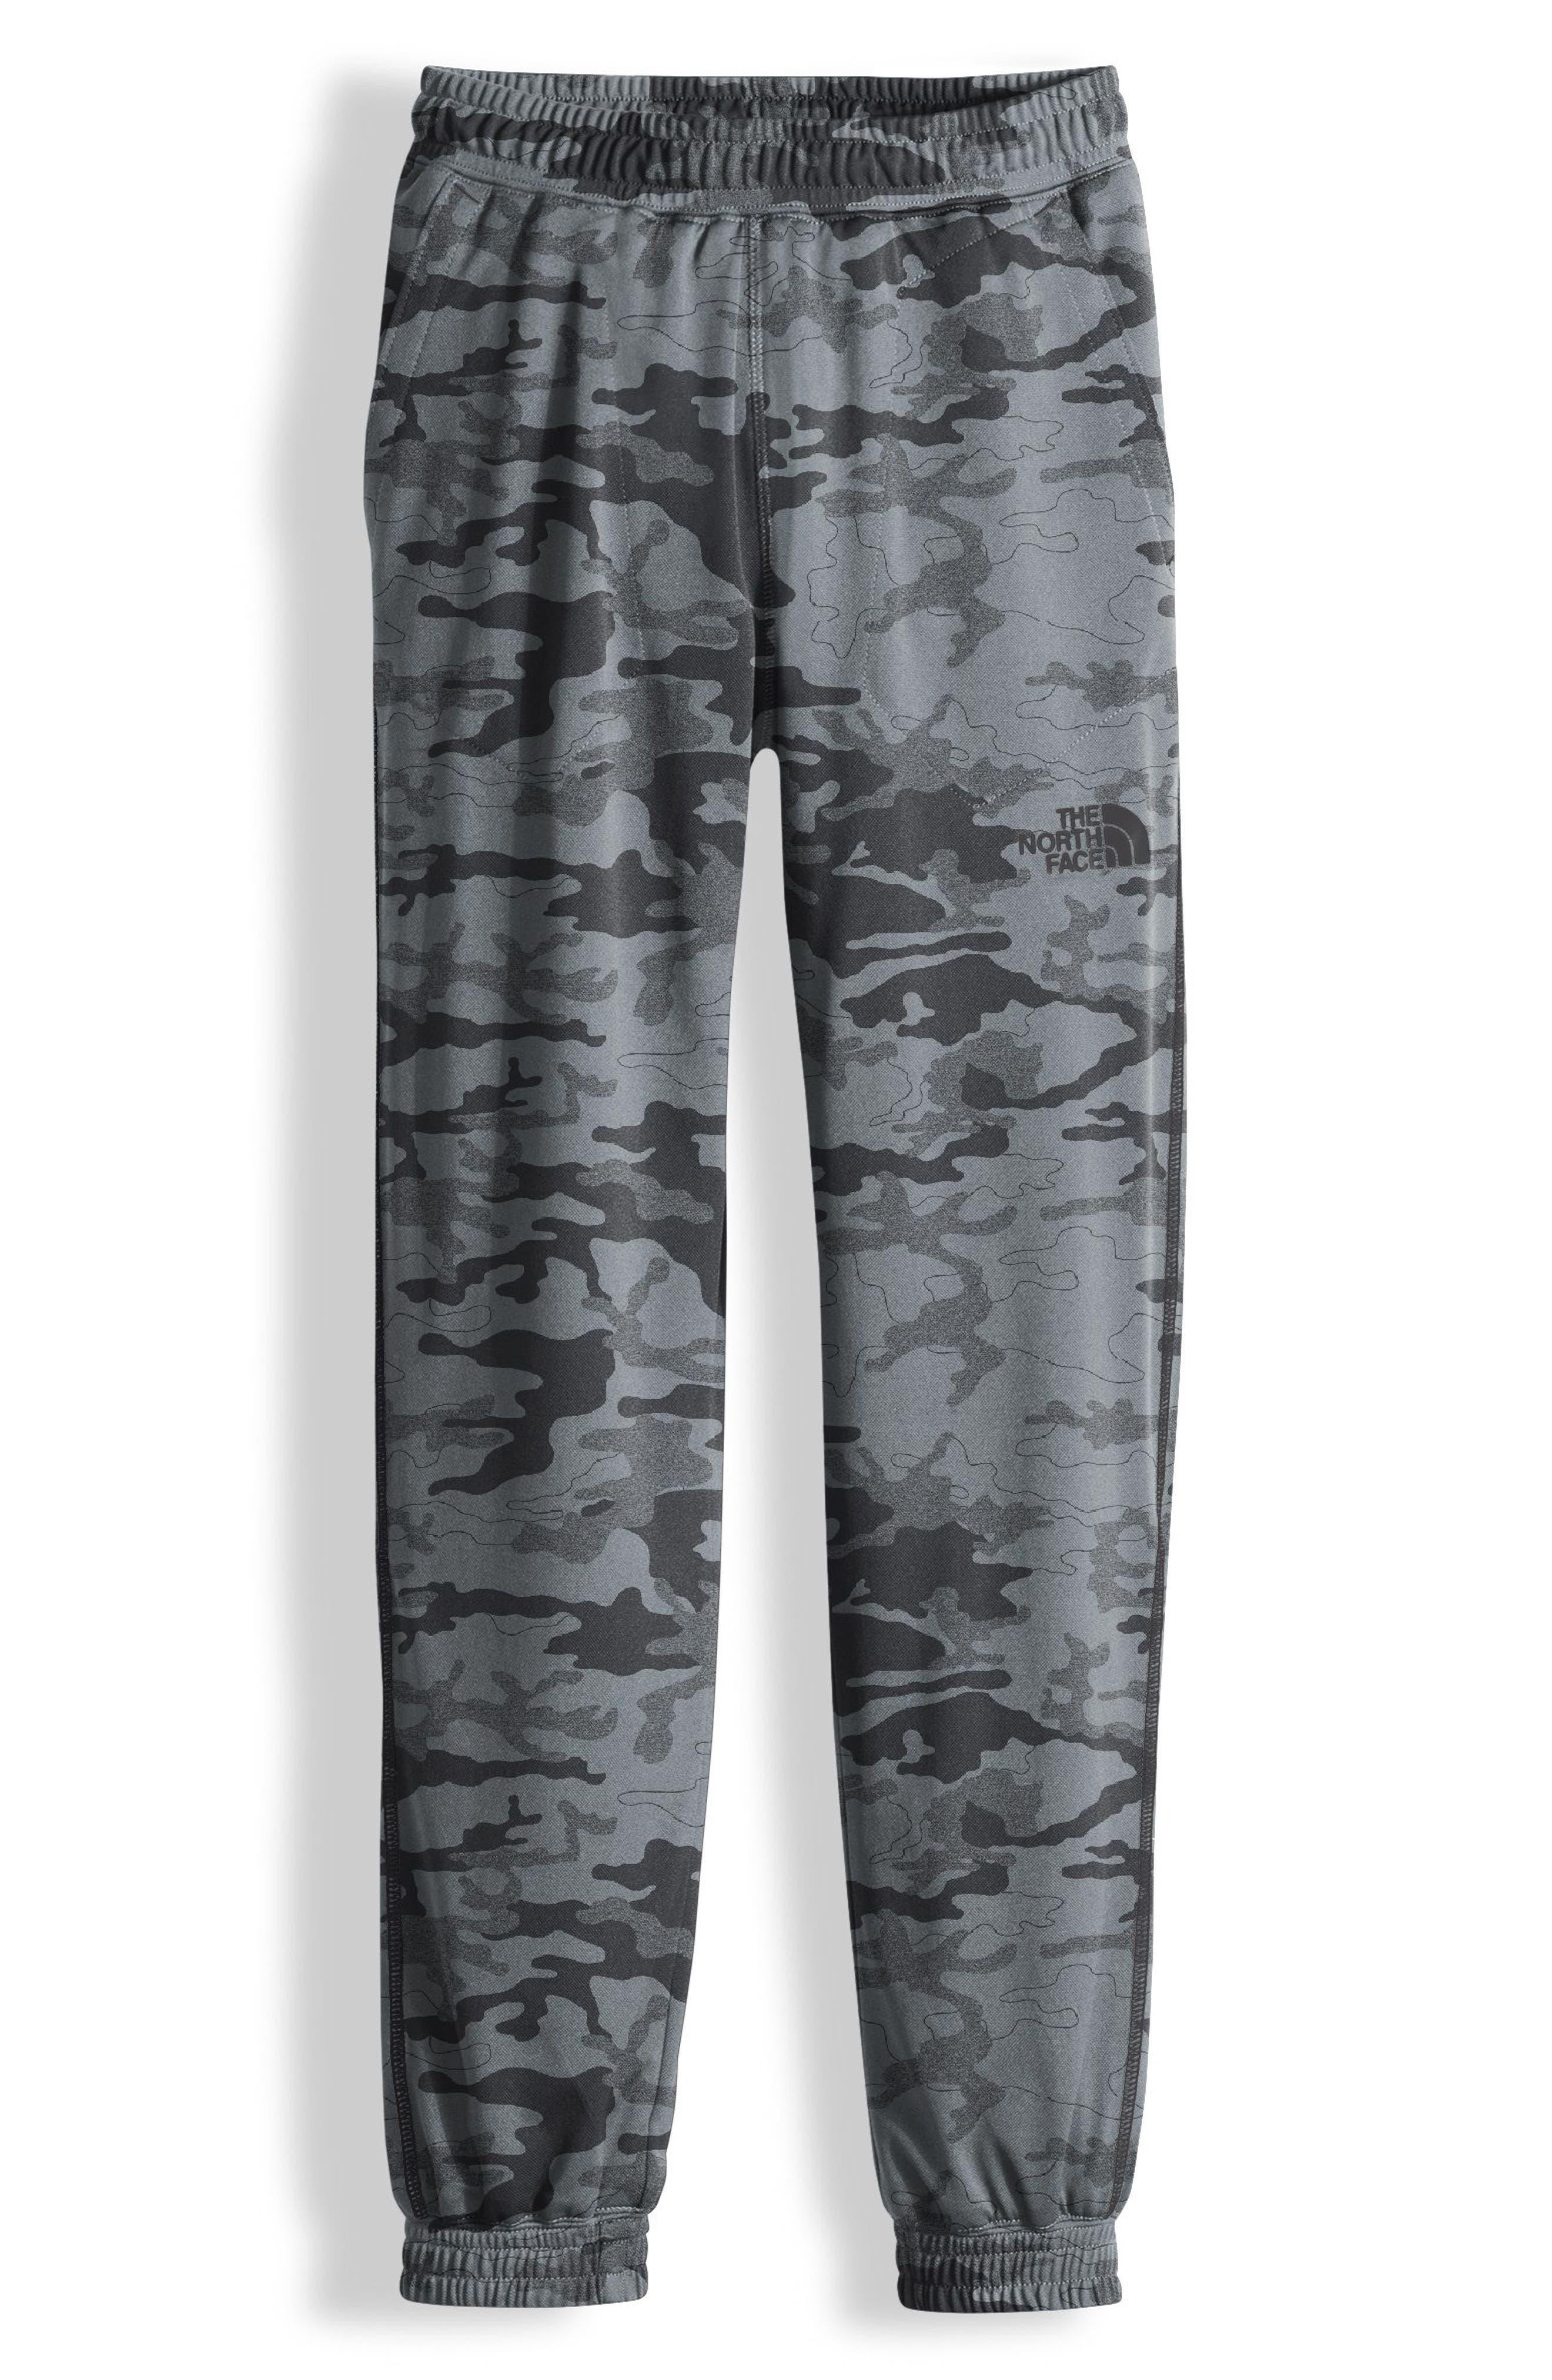 Mak Sweatpants,                             Main thumbnail 1, color,                             Mid Grey/ Camo